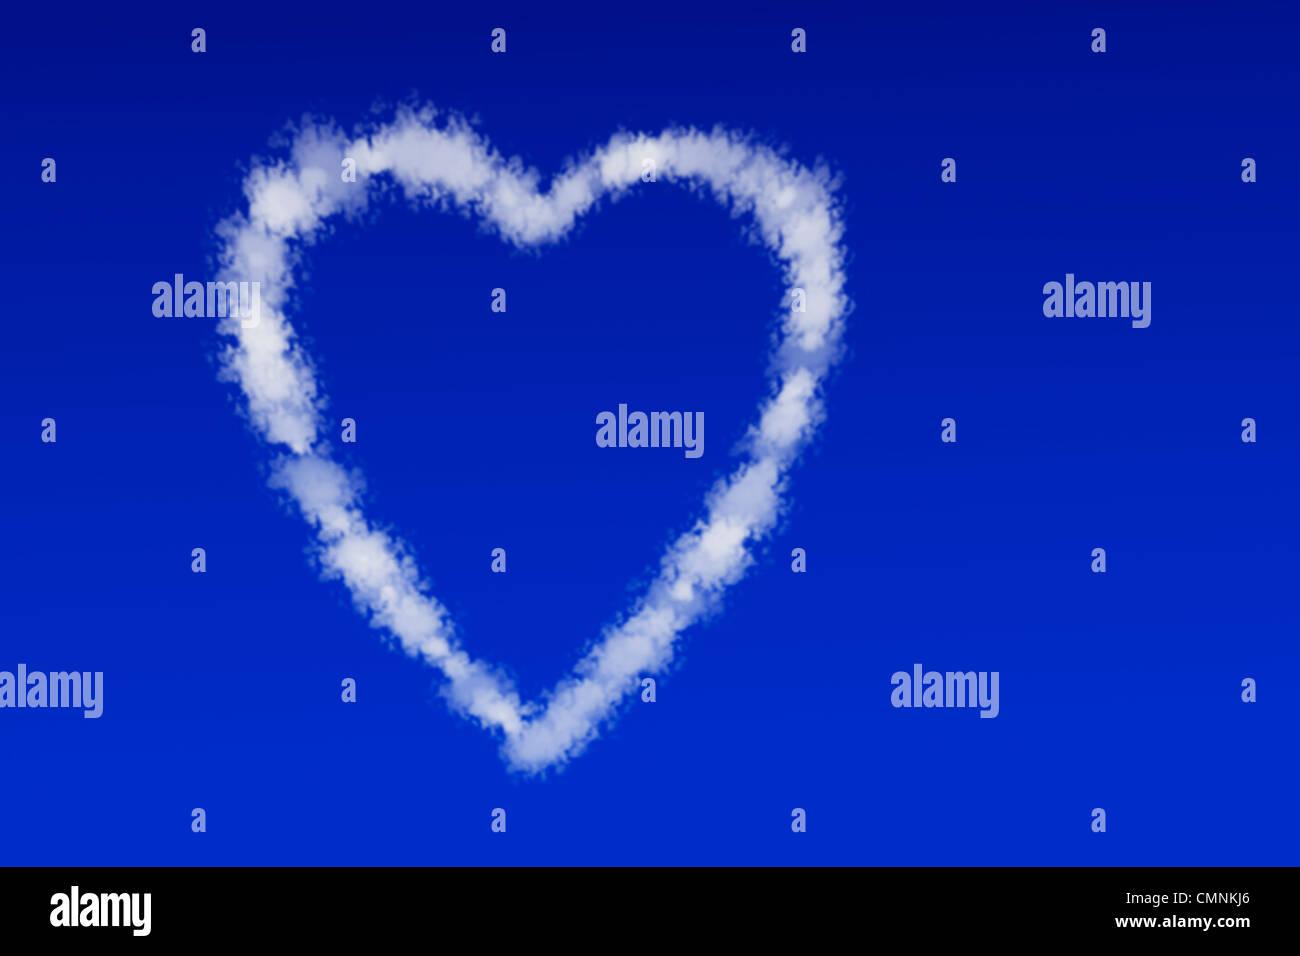 Wolken in Form Eines Herzes Schweben bin Blauen Himmel | Wolken in der Form eines Herzens in den blauen Himmel schweben Stockbild